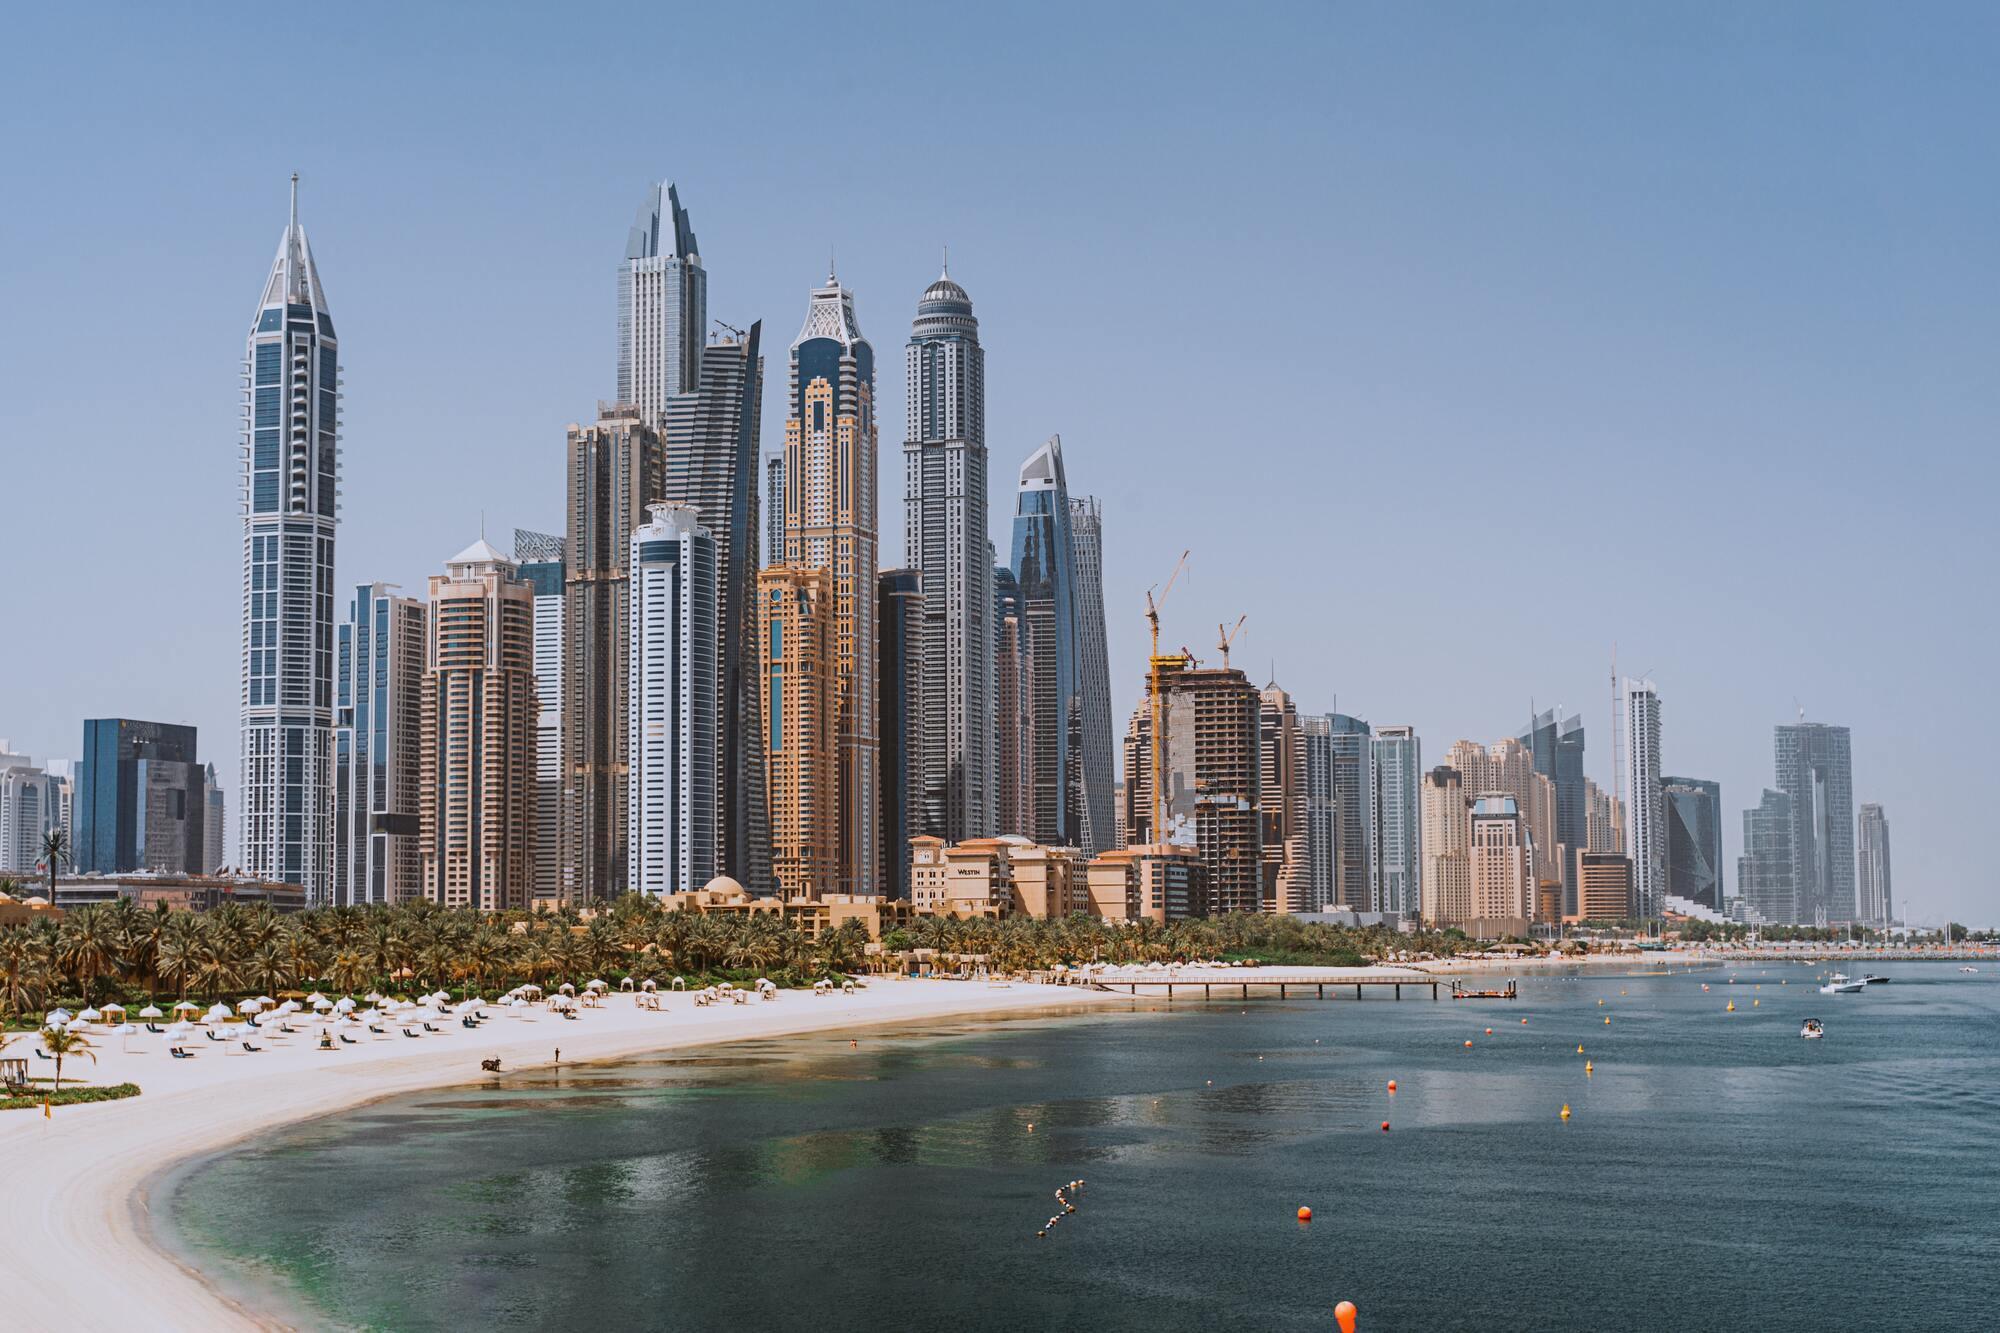 COVID-19 в Дубае сказывается не только на количестве туристов и ограничениях, но и на ценах.